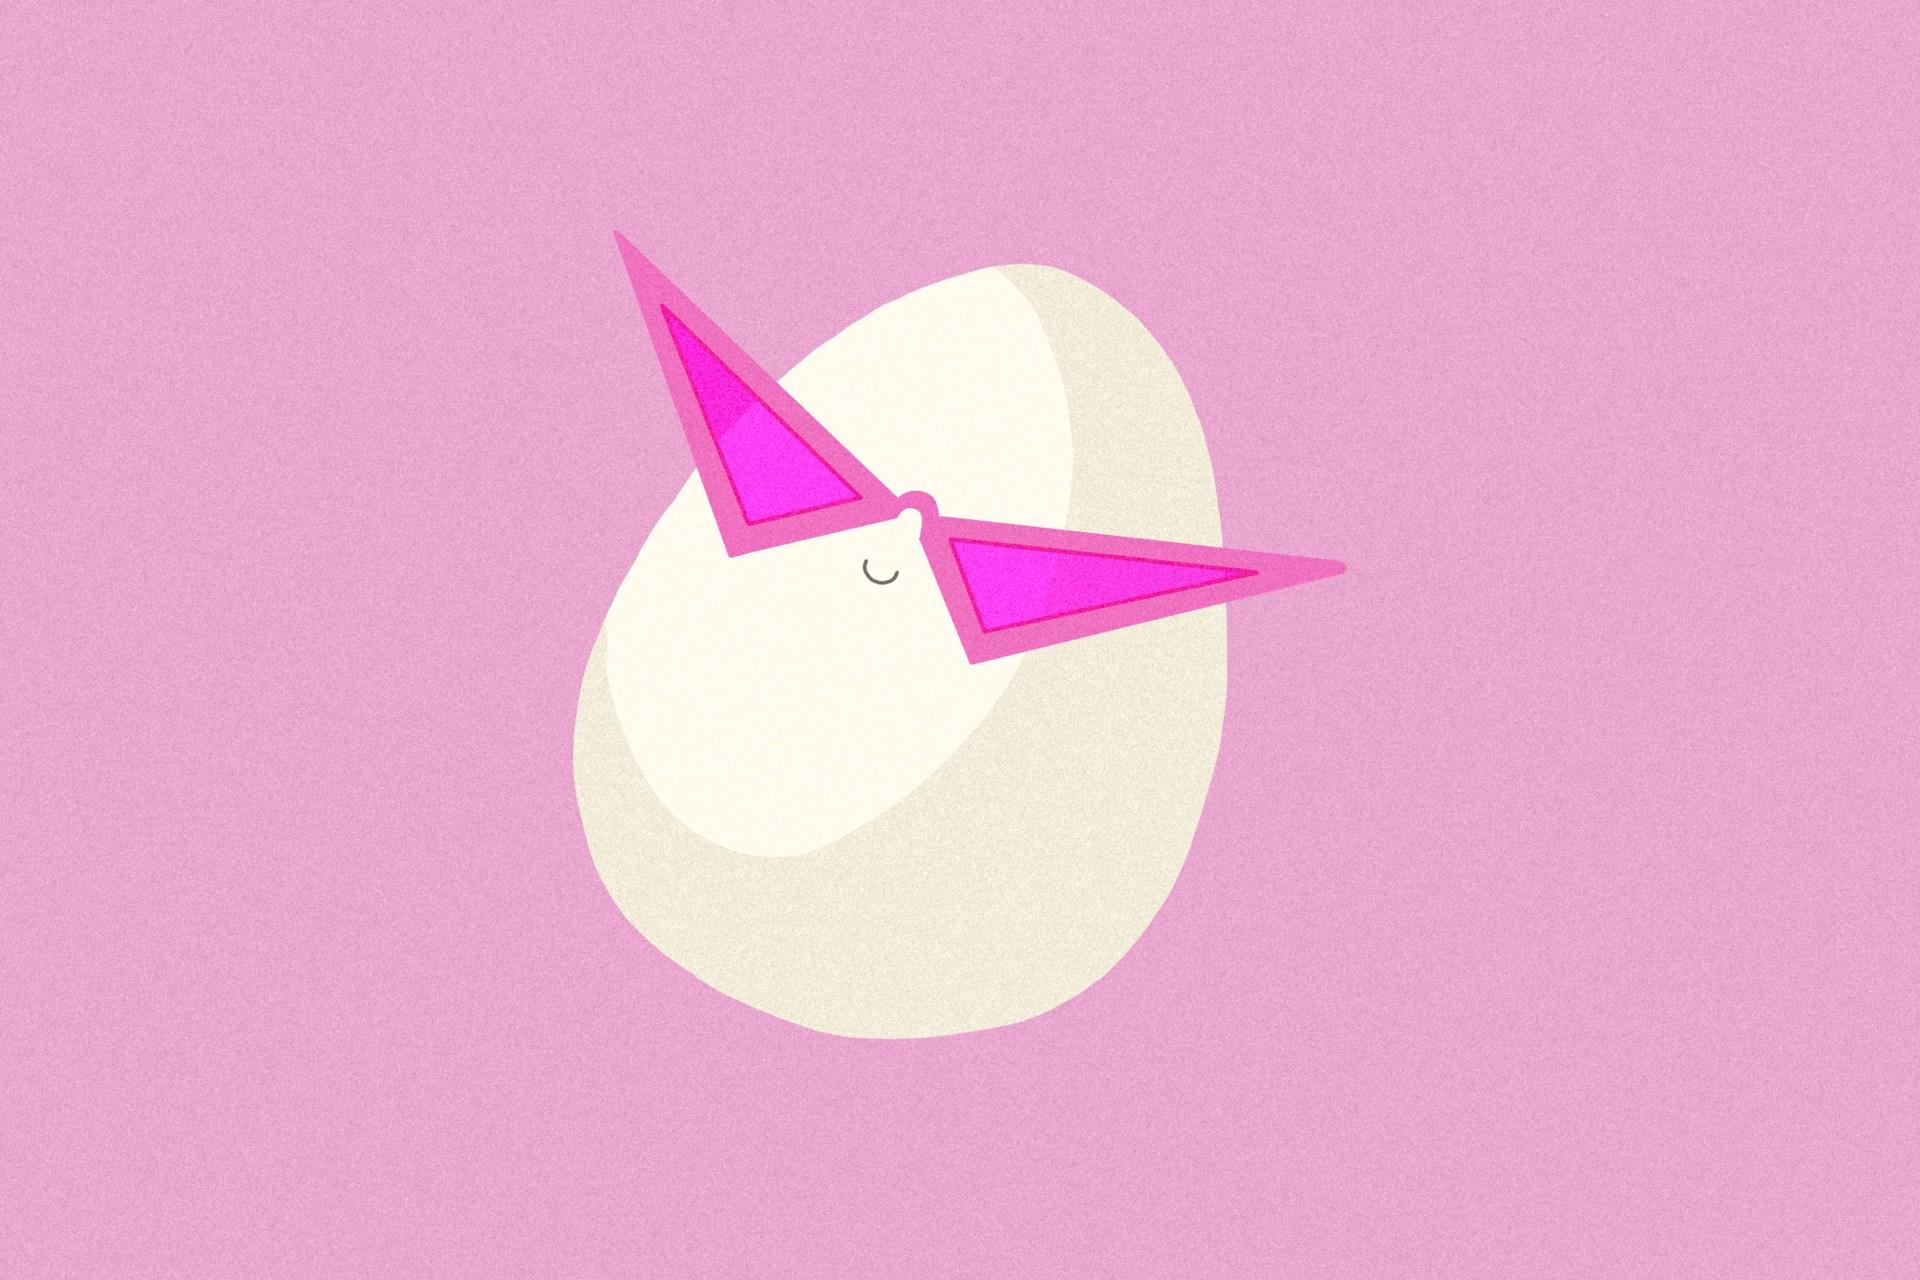 Egg Puns